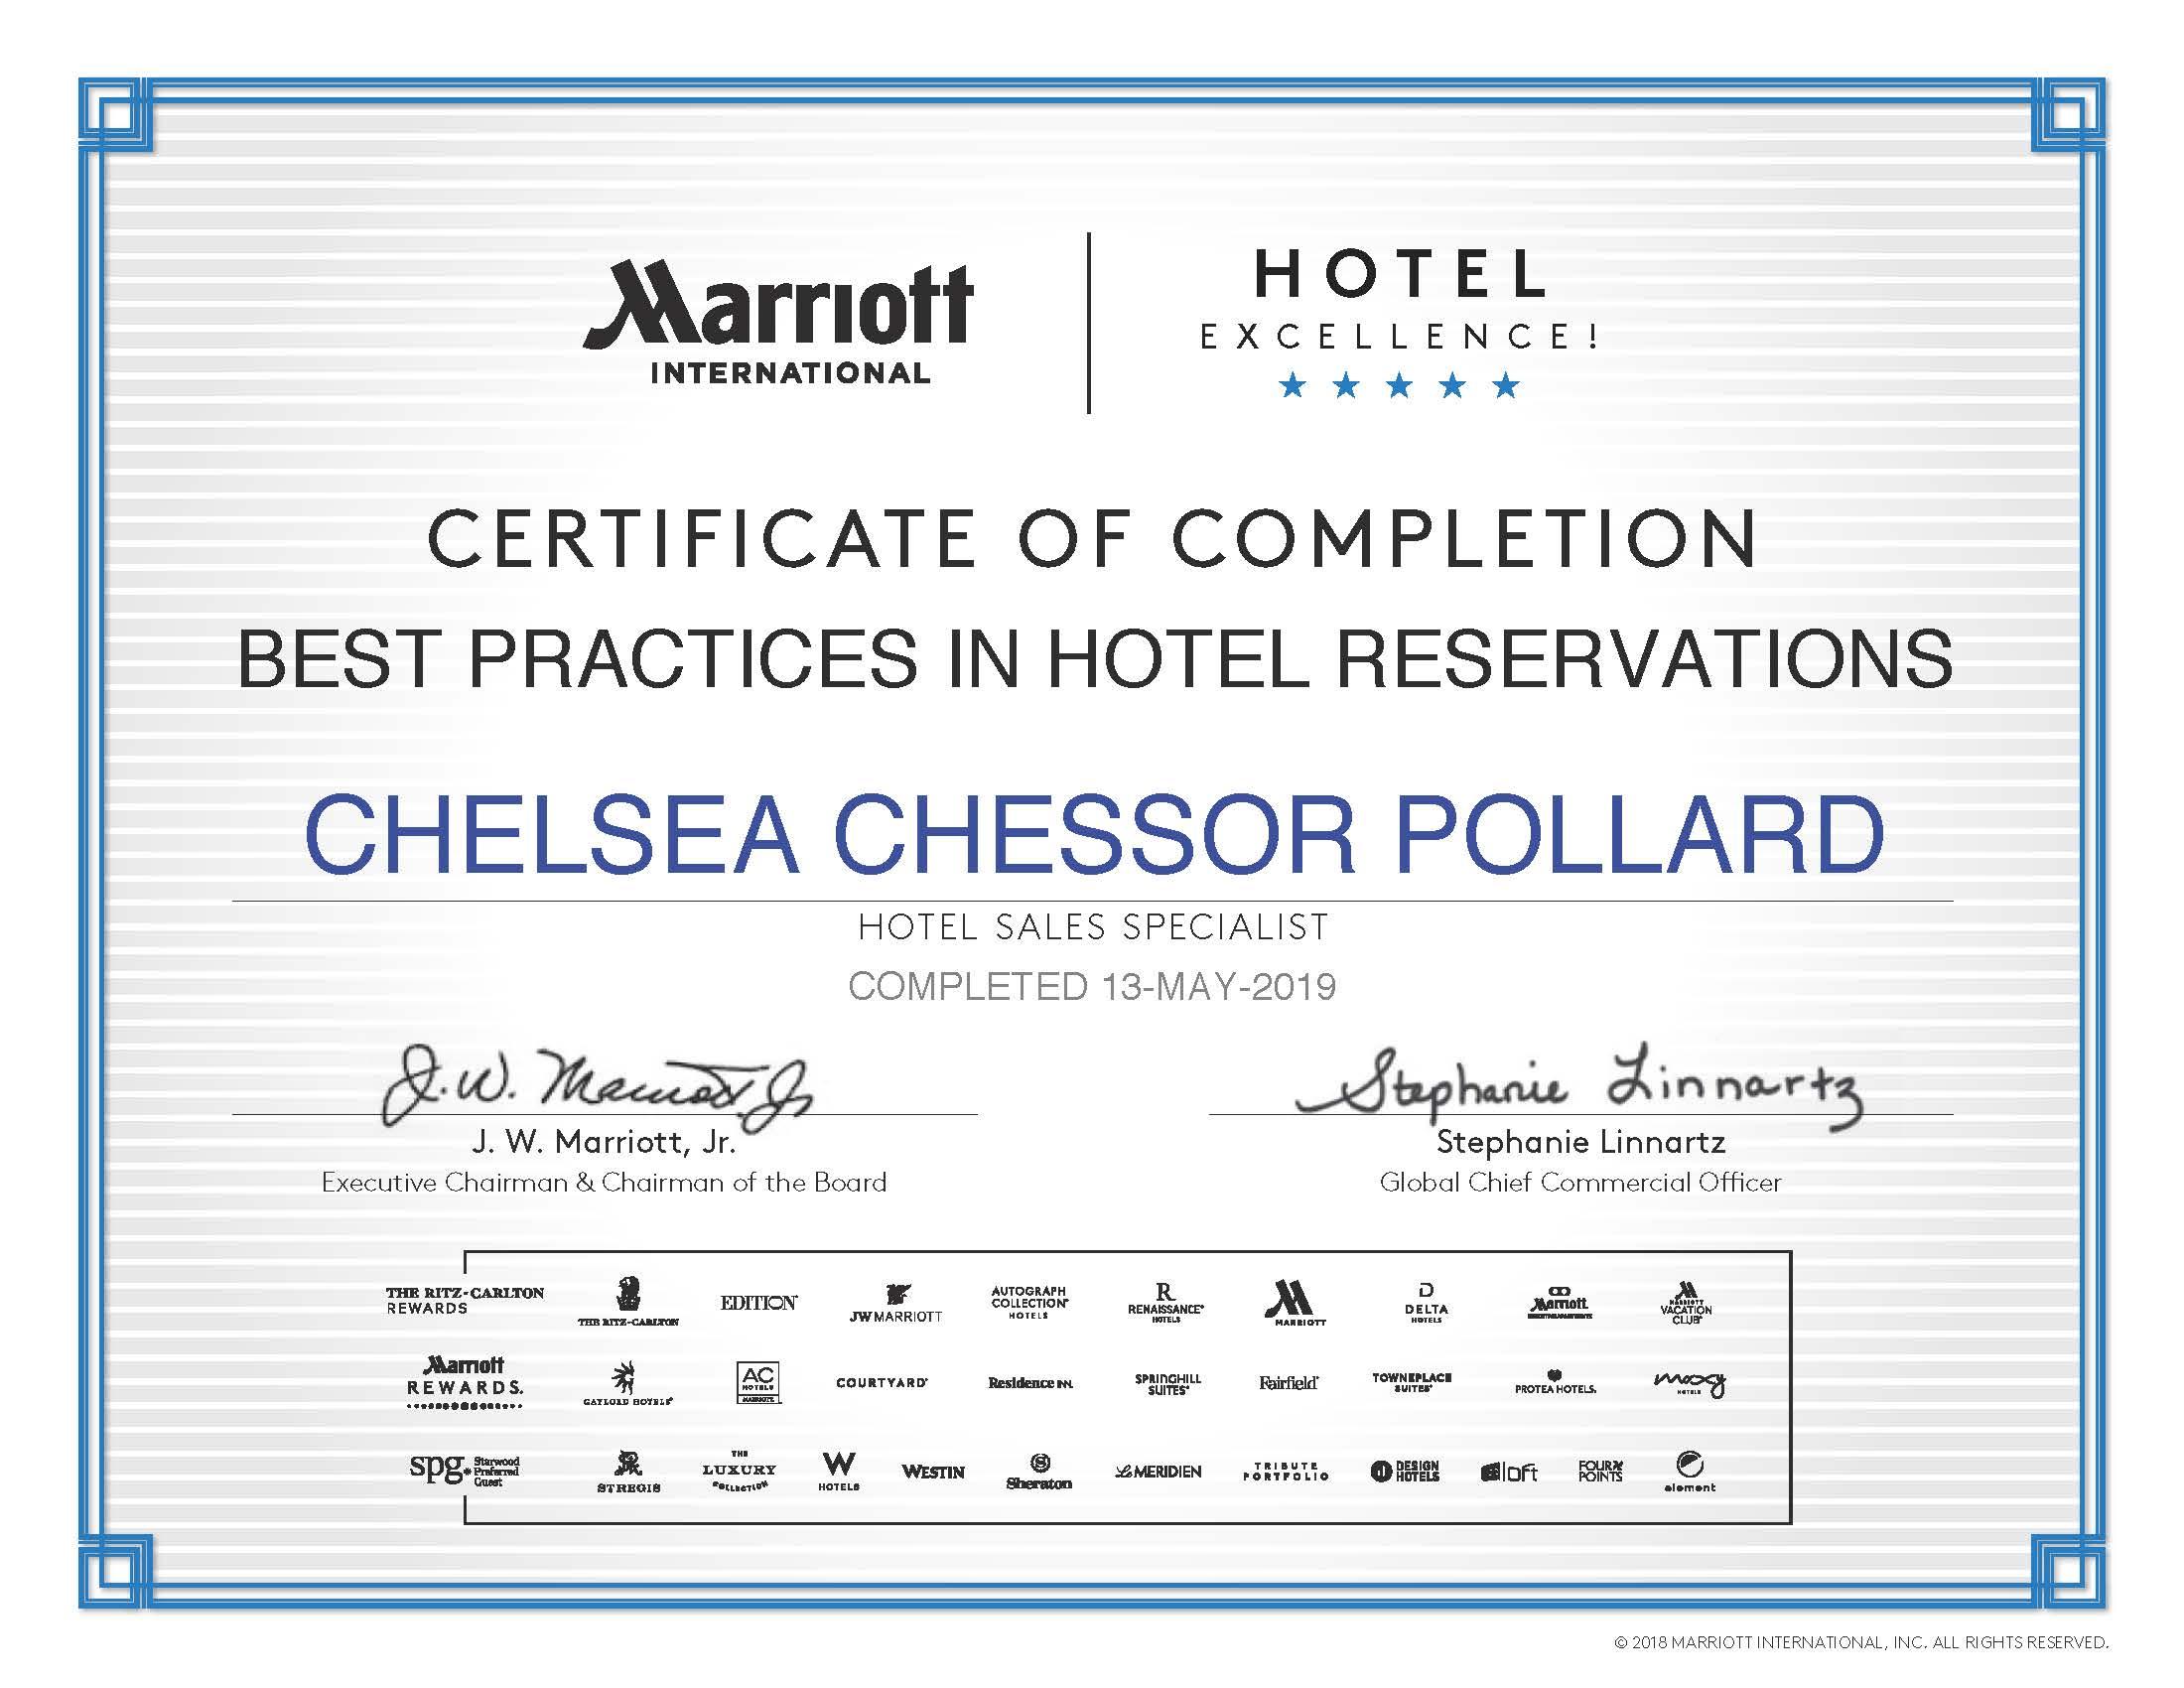 Marriott cert.jpg